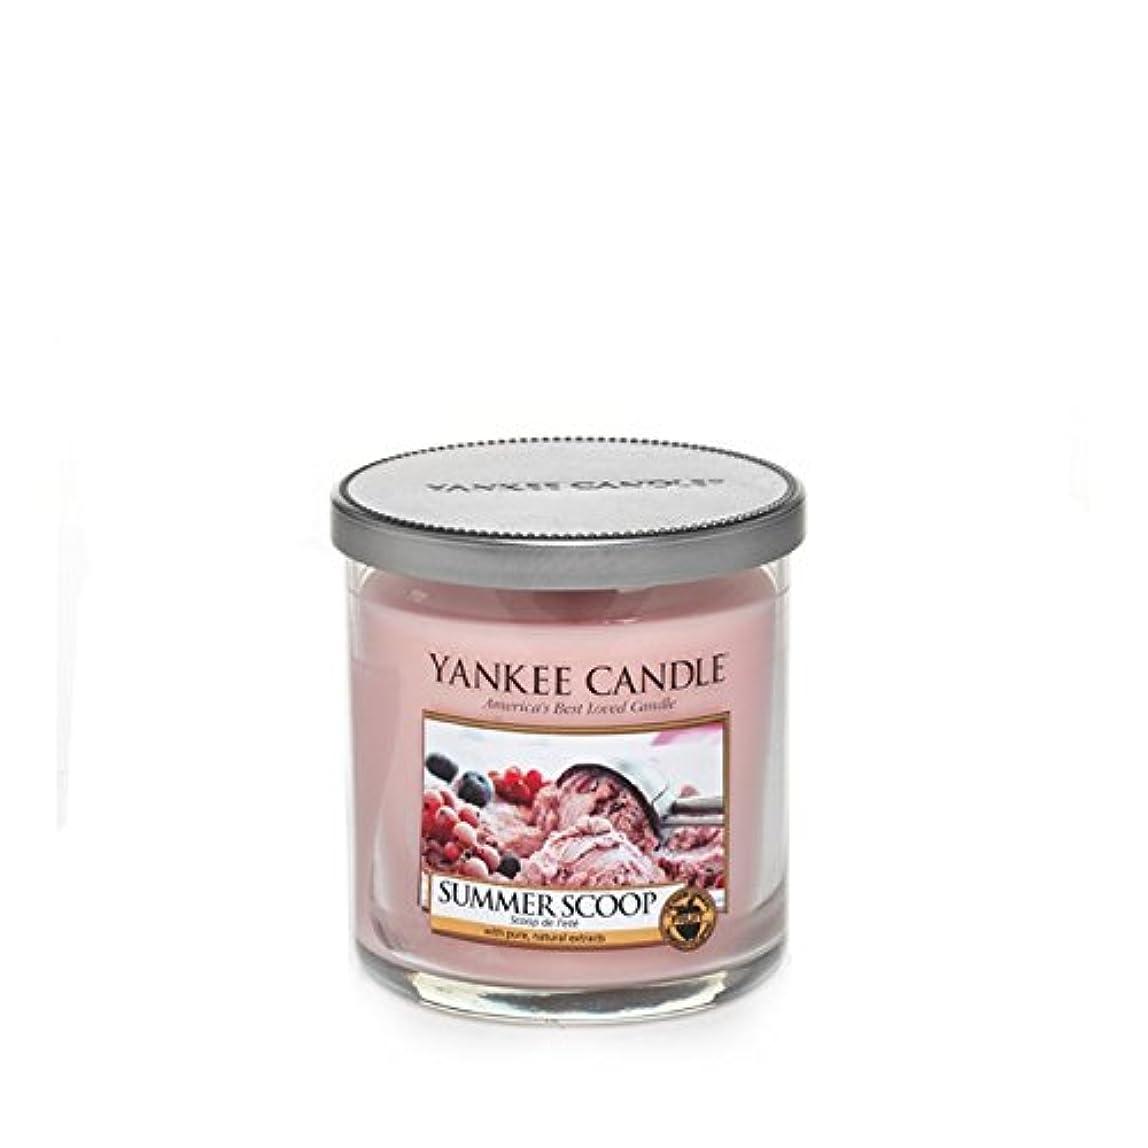 補償リビジョンラインYankee Candles Small Pillar Candle - Summer Scoop (Pack of 6) - ヤンキーキャンドルの小さな柱キャンドル - 夏のスクープ (x6) [並行輸入品]